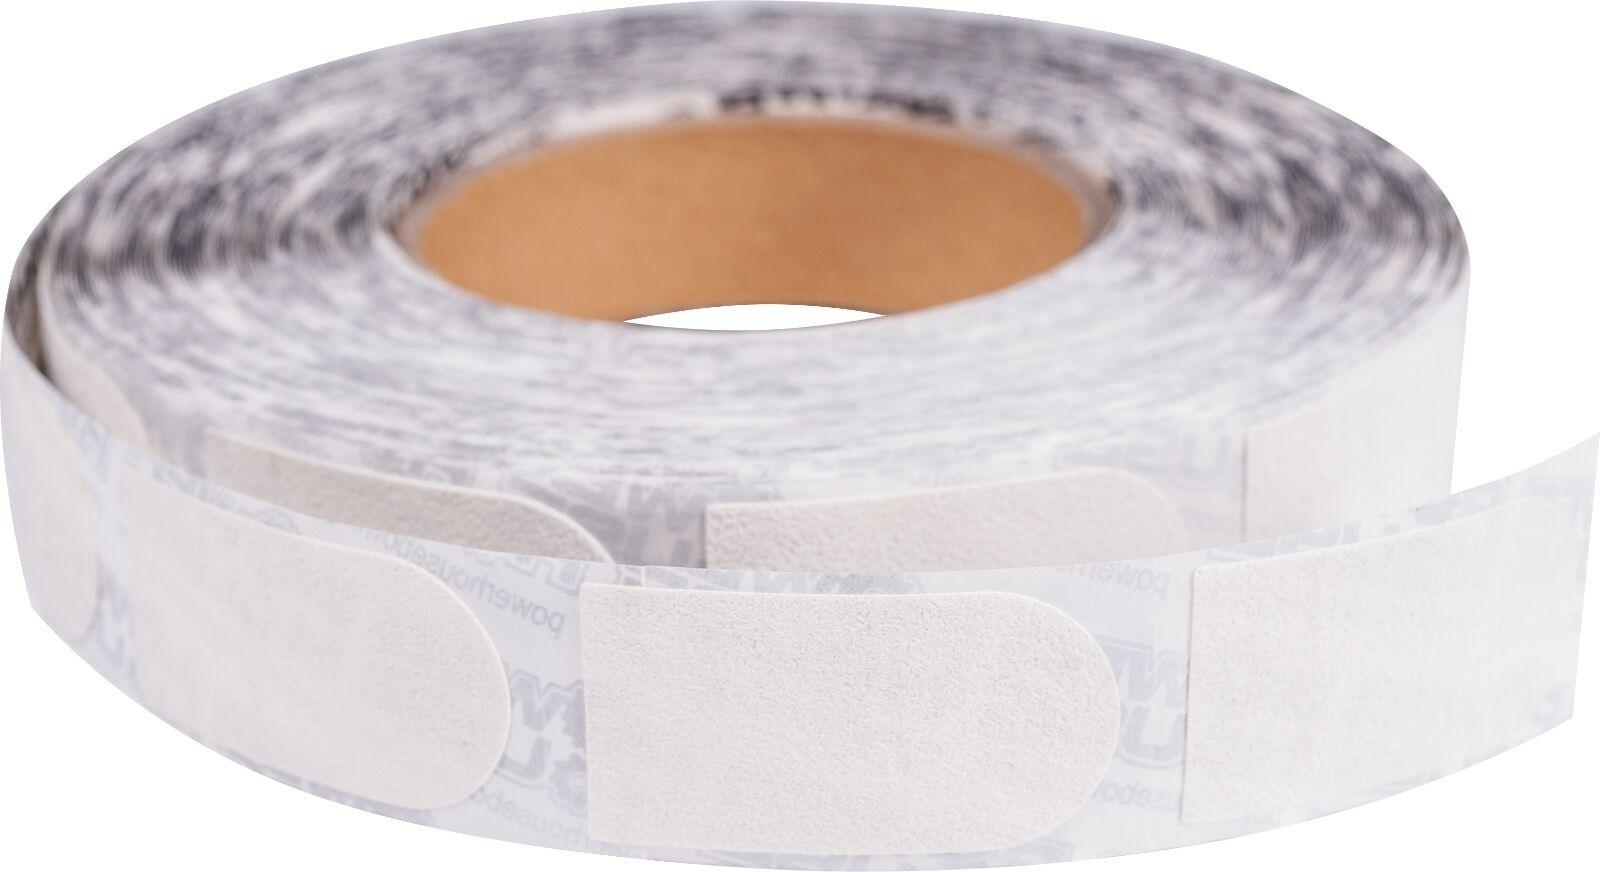 Powerhouse Premium White Tape 3 4  (500 pieces)